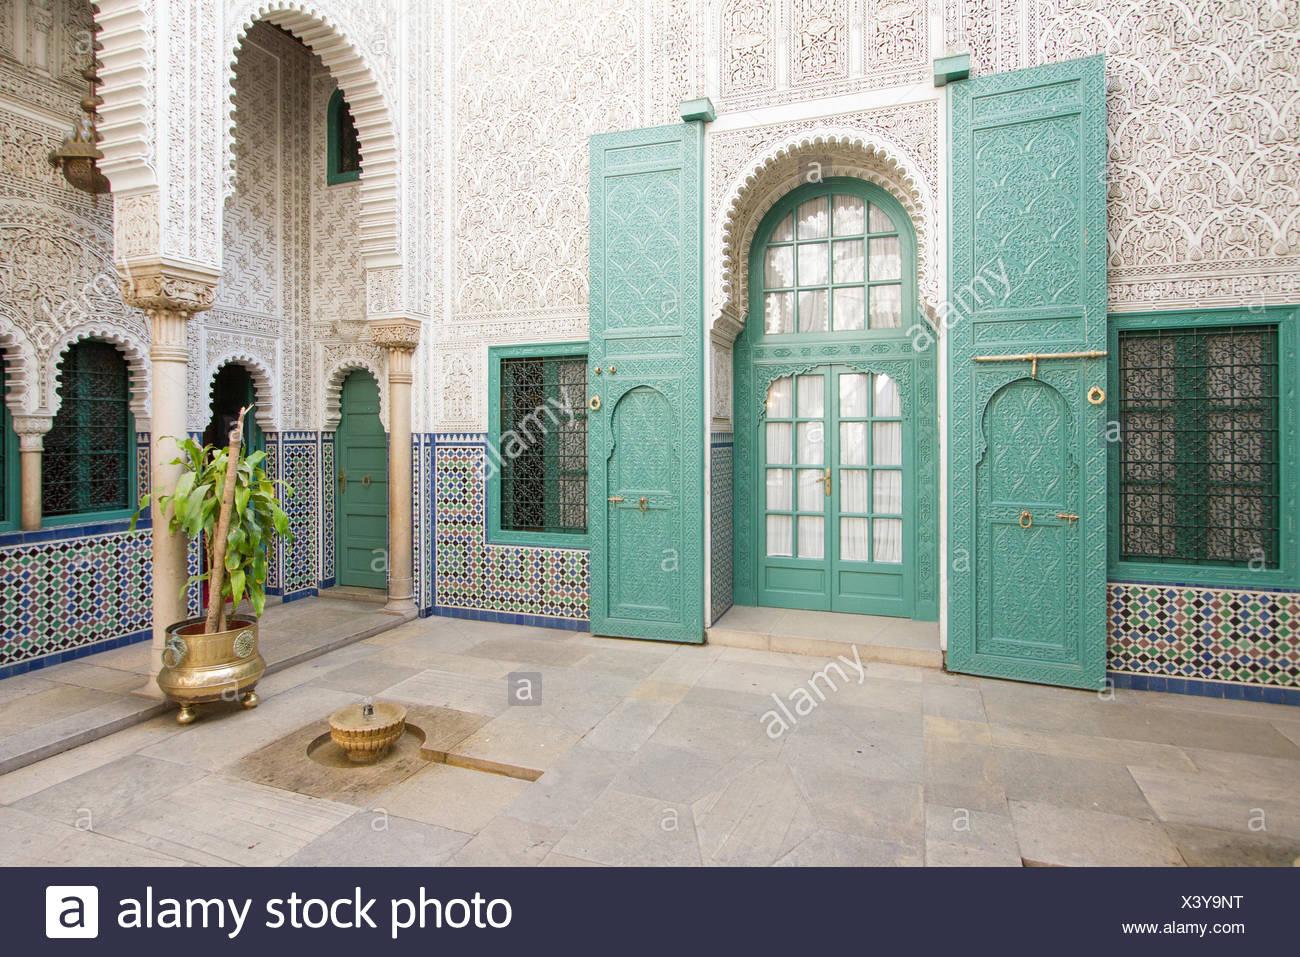 Ornati in legno e tilework con teal le finestre e le porte da interno di Mahkama du Pacha a Casablanca. Immagini Stock